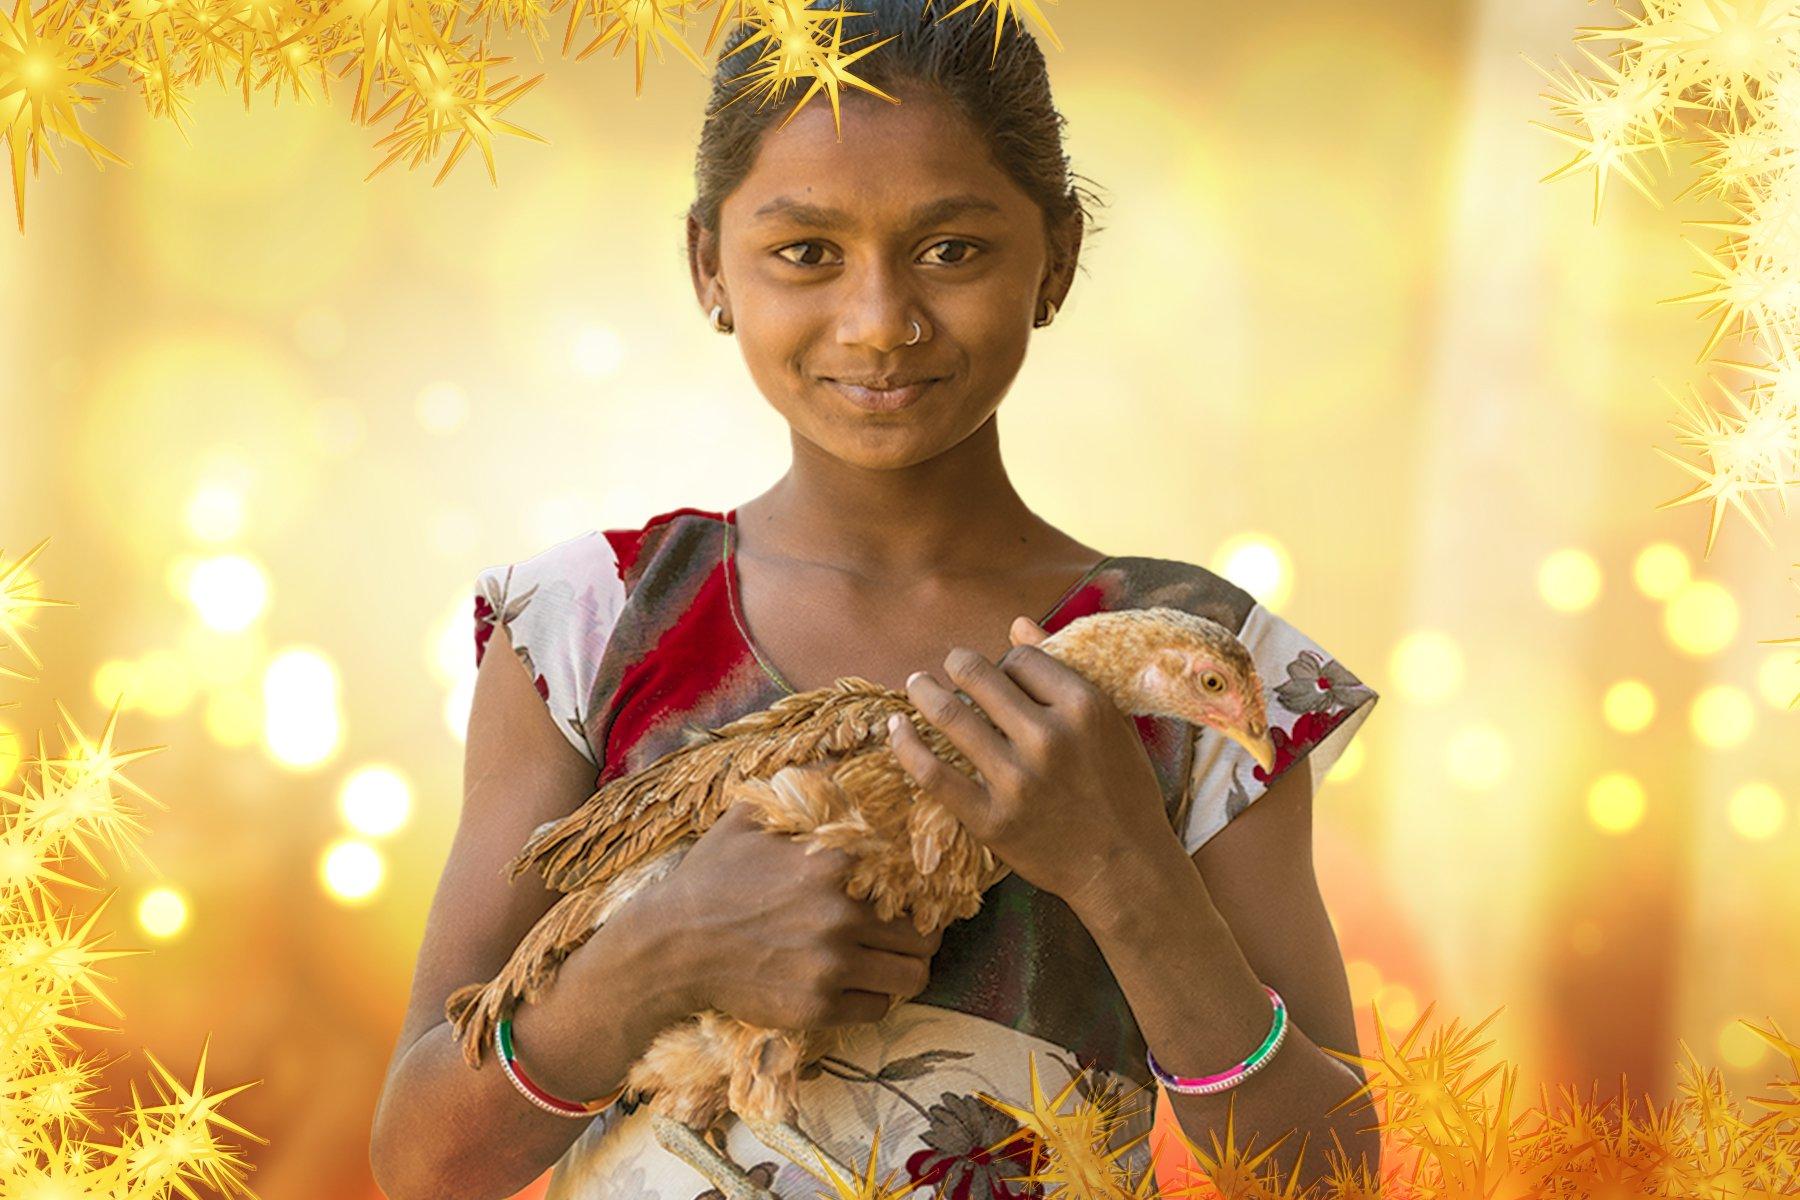 27-24b-girl-with-chicken2.jpg